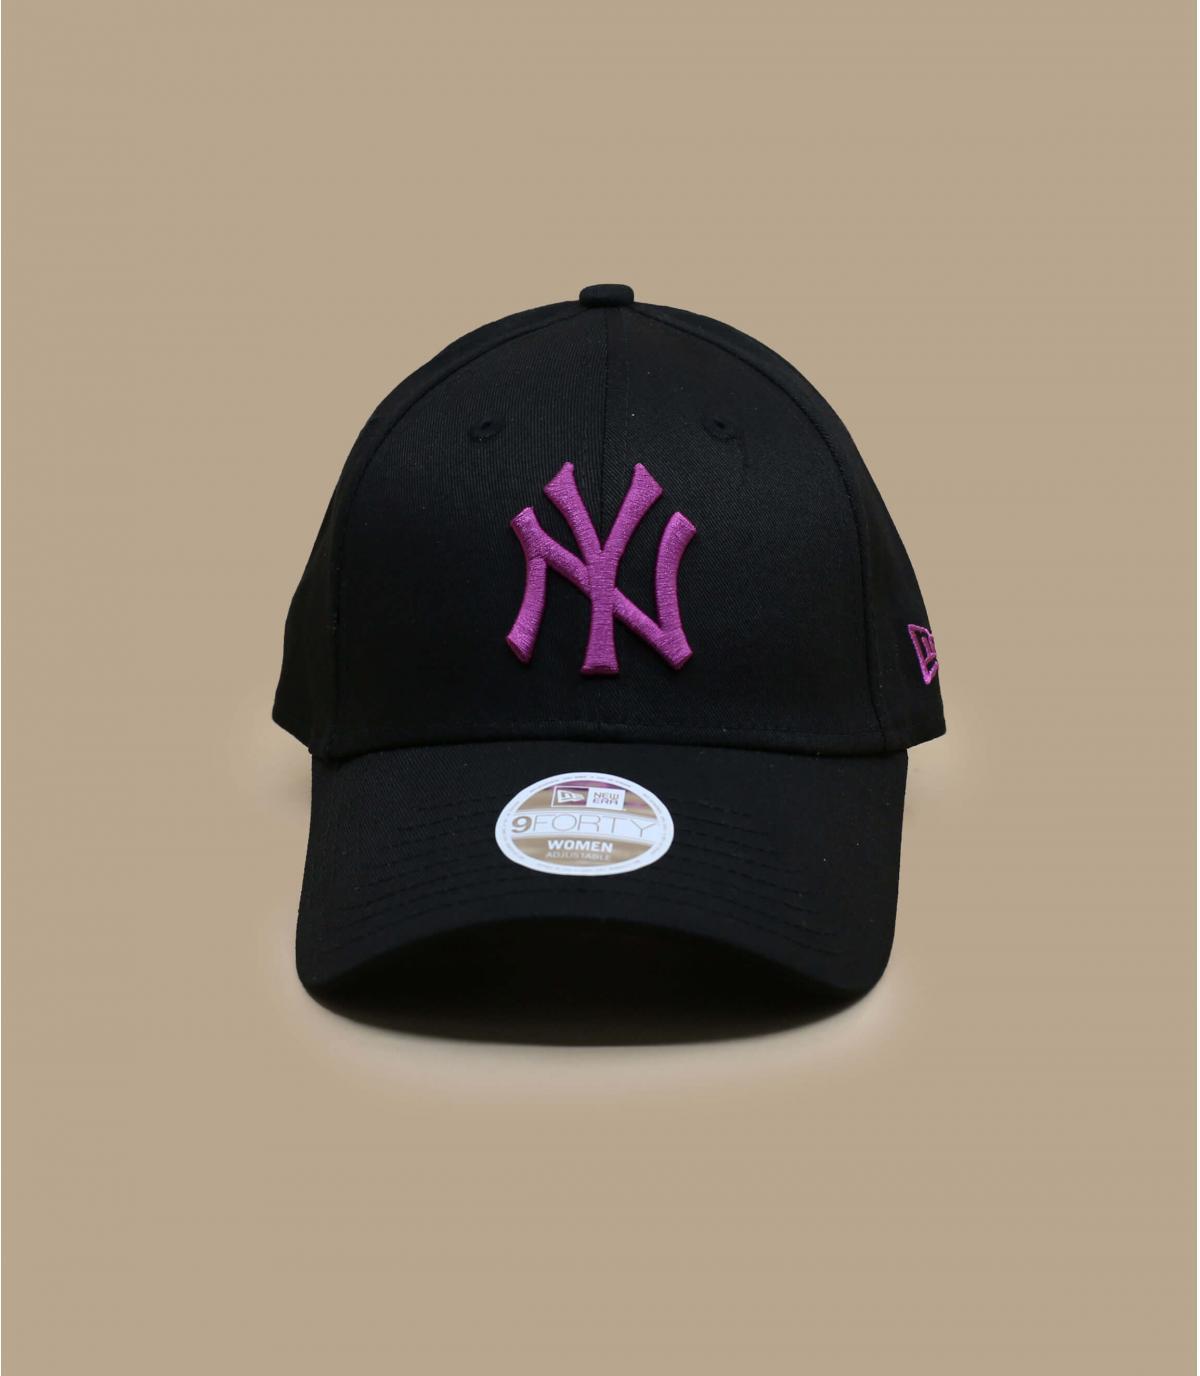 casquette NY femme noir